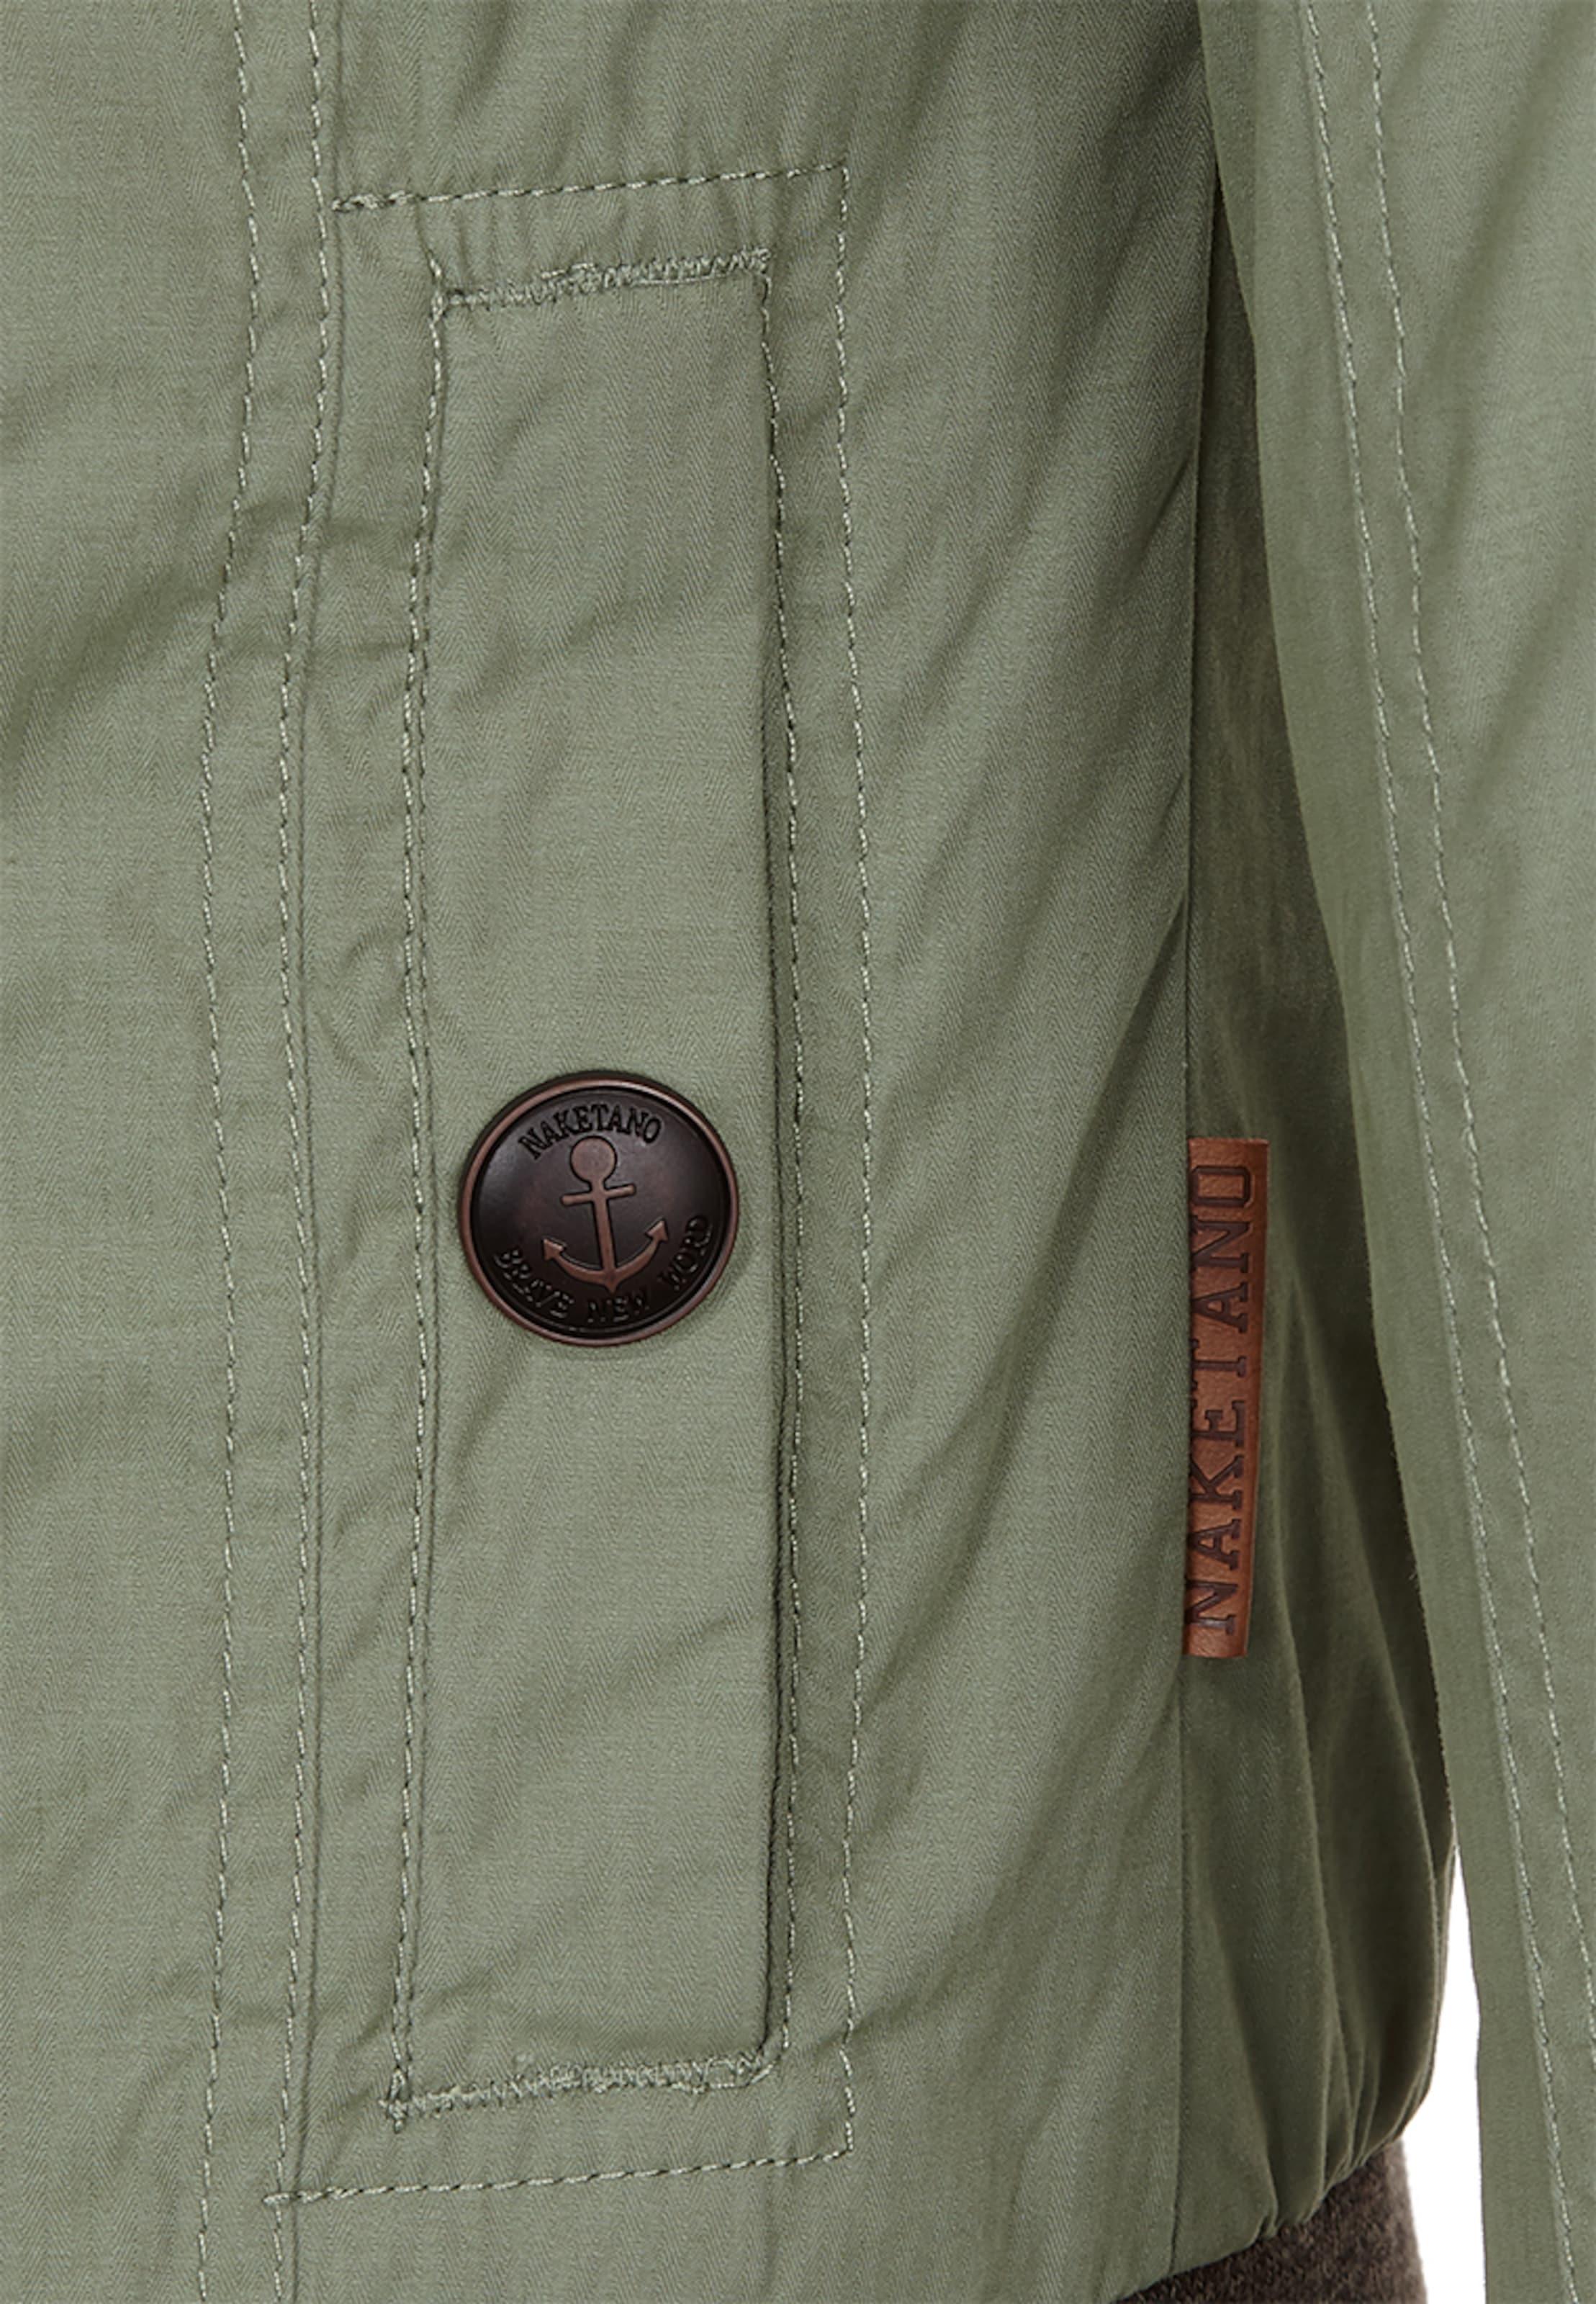 BraunPastellgr��n Naketano Jacket Schnappp' In 'schnipp PNXZnO80wk